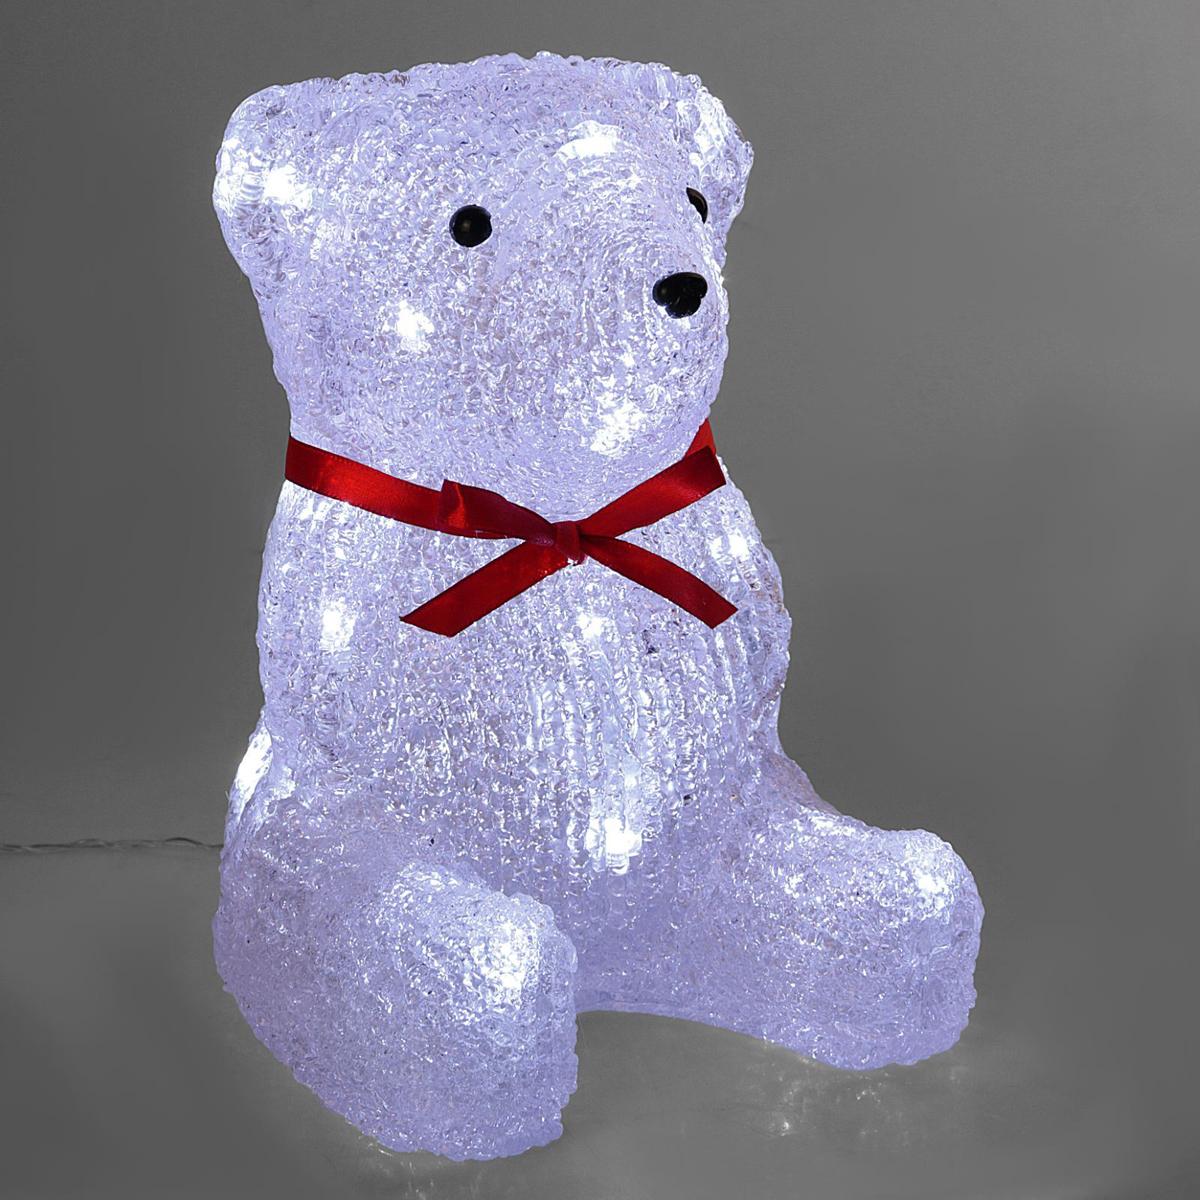 Фигурка новогодняя Luazon Медвежонок, 15 х 15 х 21 см2310851Акриловые фигуры являются оригинальным новогодним украшением. Кажется, будто скульптуры вырезаны изо льда. В темноте они будут мерцать огоньками светодиодов. Такие лампочки не нагреваются, благодаря чему их использование пожаробезопасно.Создайте праздничное настроение даже на рабочем месте. Небольшие по размеру фигурки работают от батареек, и вы можете поставить их на стол.